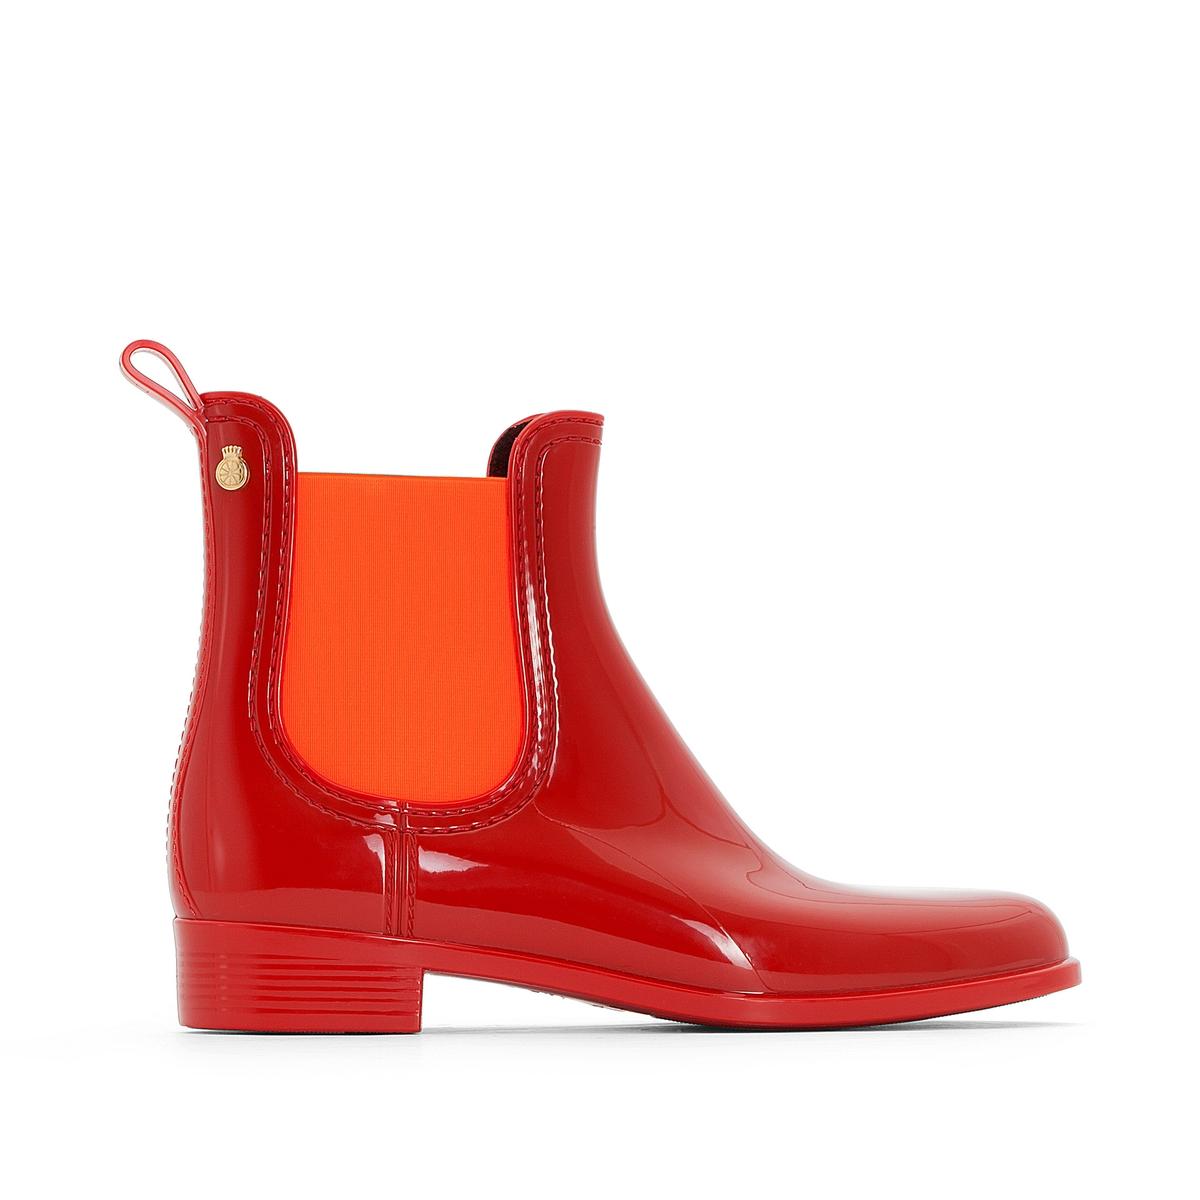 Ботильоны резиновые PisaВерх : каучук   Подкладка : полиамид   Стелька : синтетика   Подошва : каучук   Высота каблука : 2 см   Форма каблука : плоский каблук   Мысок : закругленный мысок   Застежка : без застежки<br><br>Цвет: красный/ оранжевый<br>Размер: 40